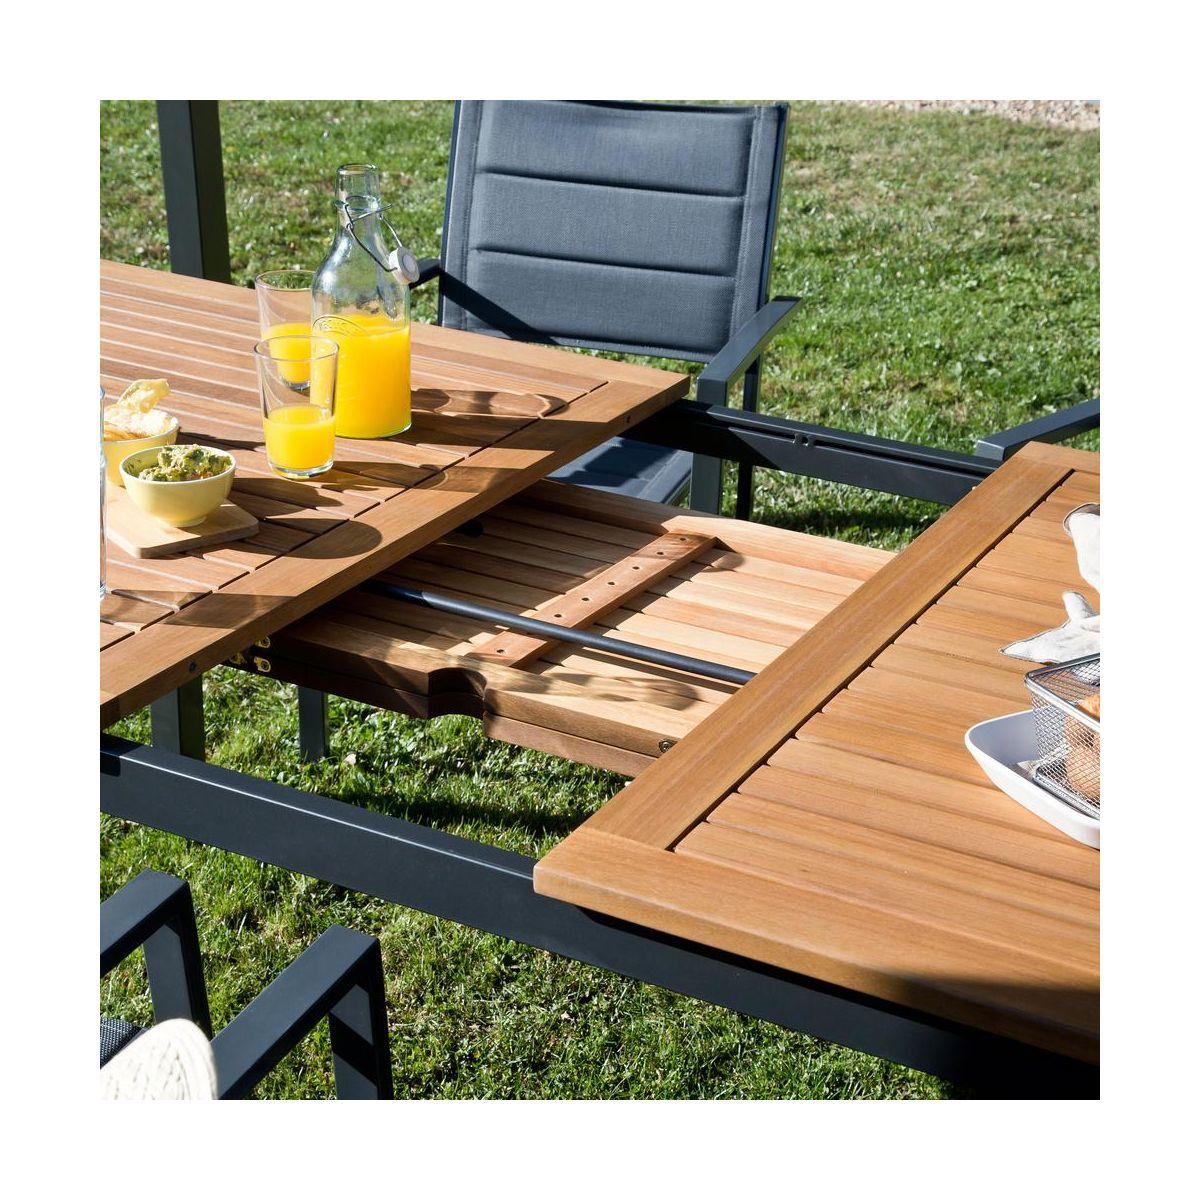 Stol Ogrodowy Oris 100 X 180 240 Cm Drewniany Naterial Stoly Ogrodowe W Atrakcyjnej Cenie W Sklepach Leroy Merlin Decor Home Decor Table